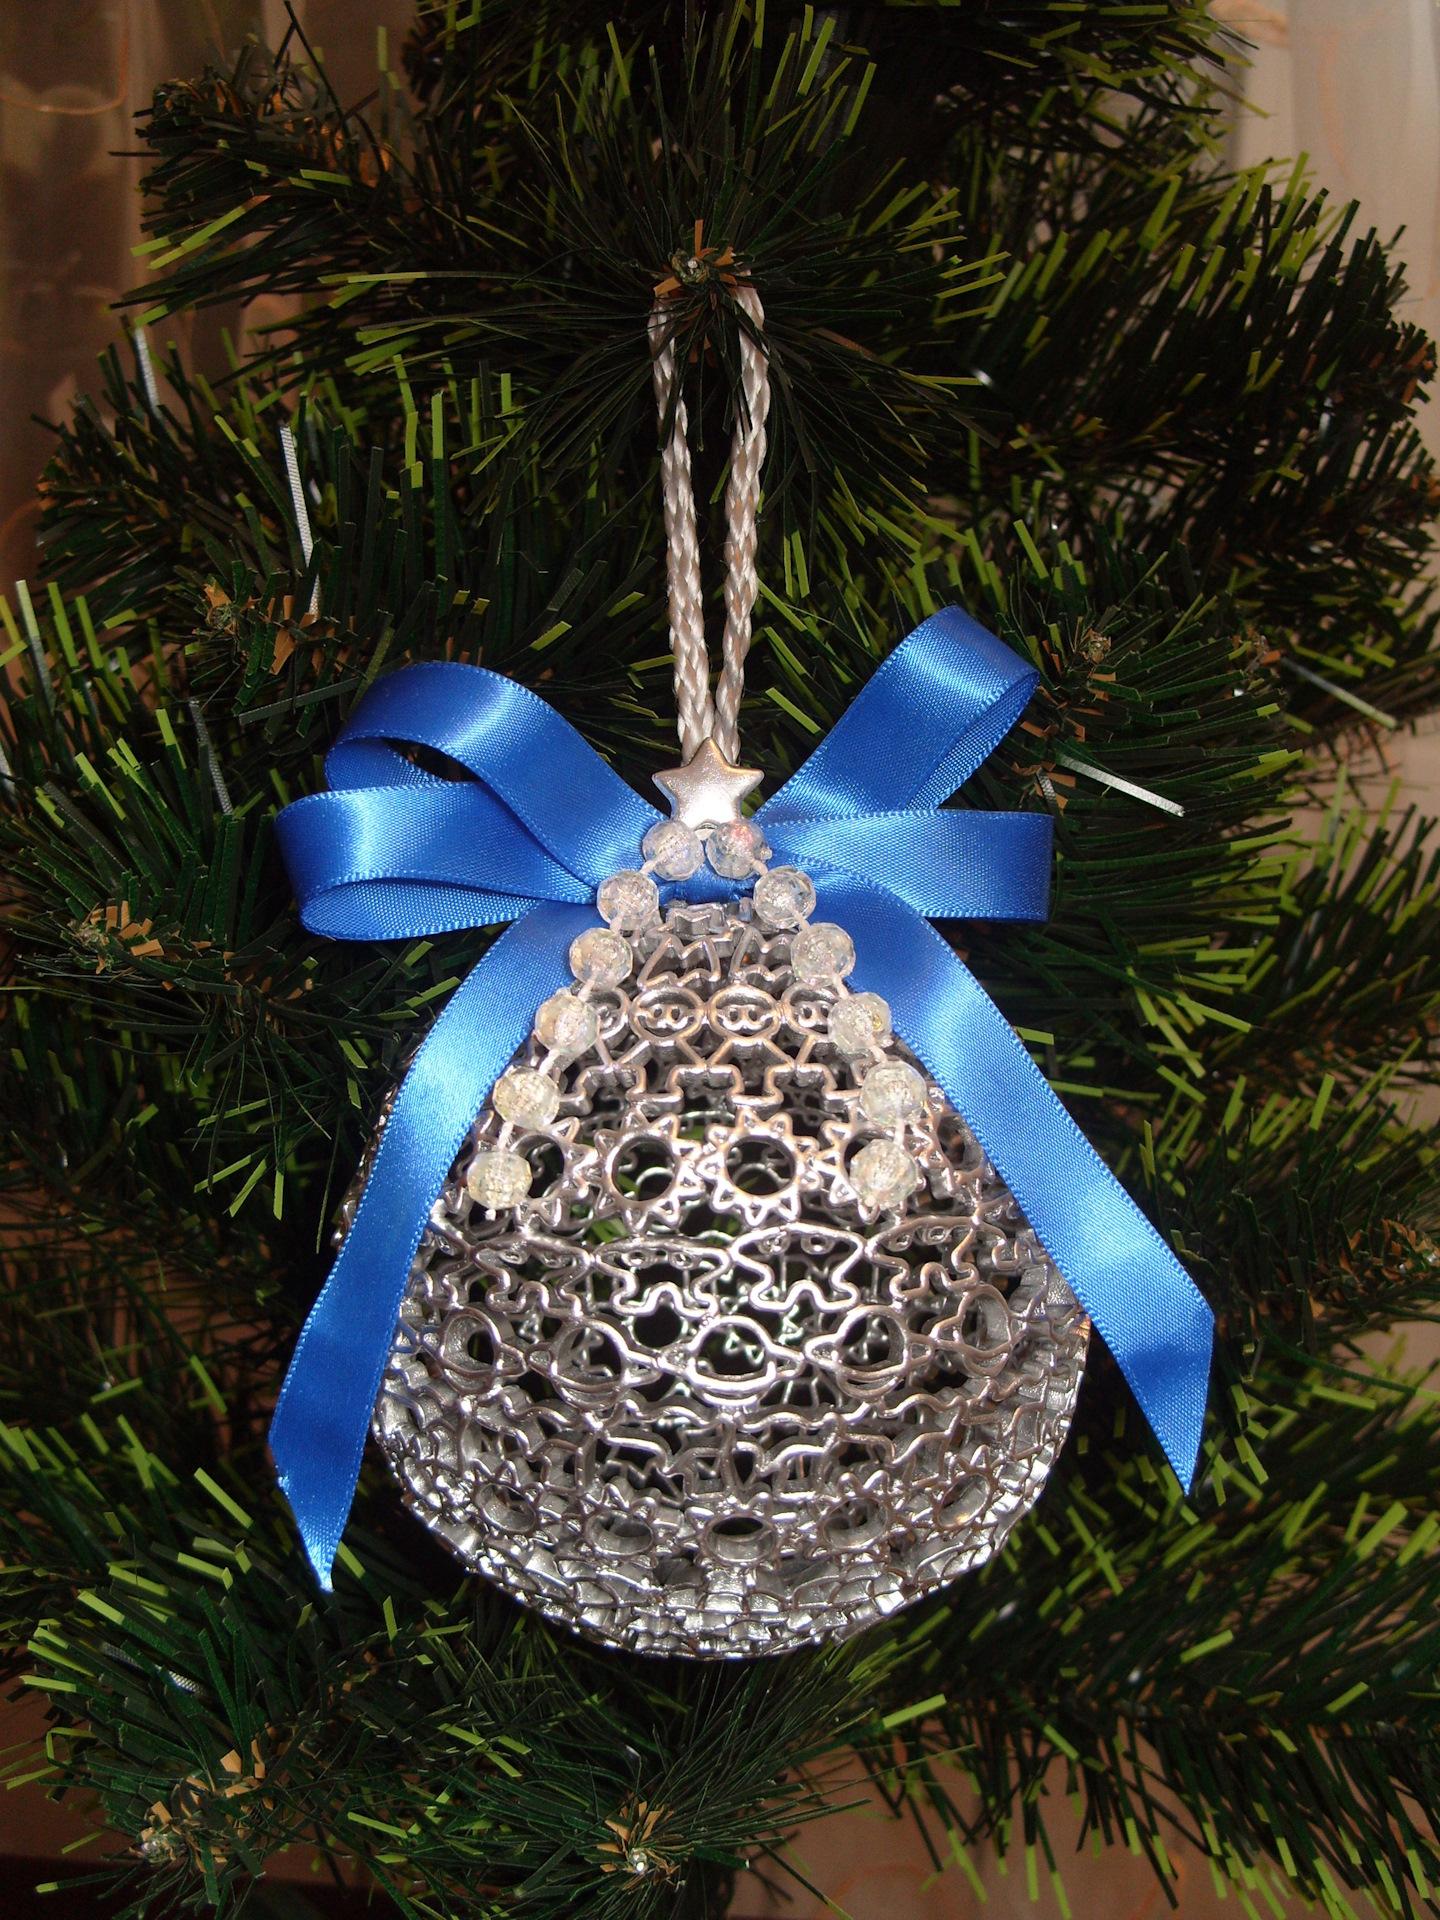 поделка новогодний шар своими руками фото воевала невском пятачке